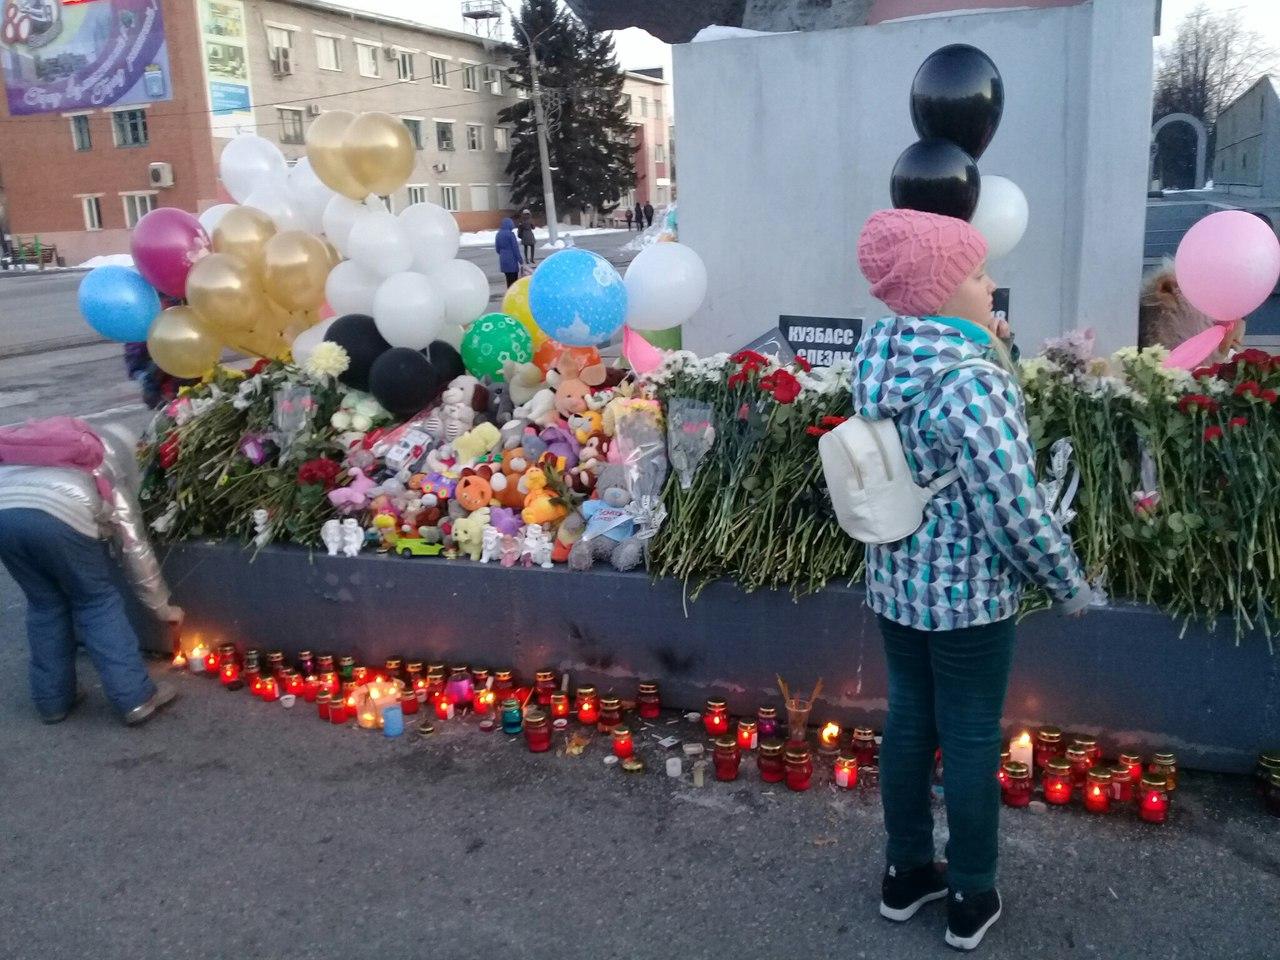 BuCdvQxMYi8 - #Кемерово,БеловоСВами! Жители города Белово, Кемеровской области тоже не остались равнодушными.